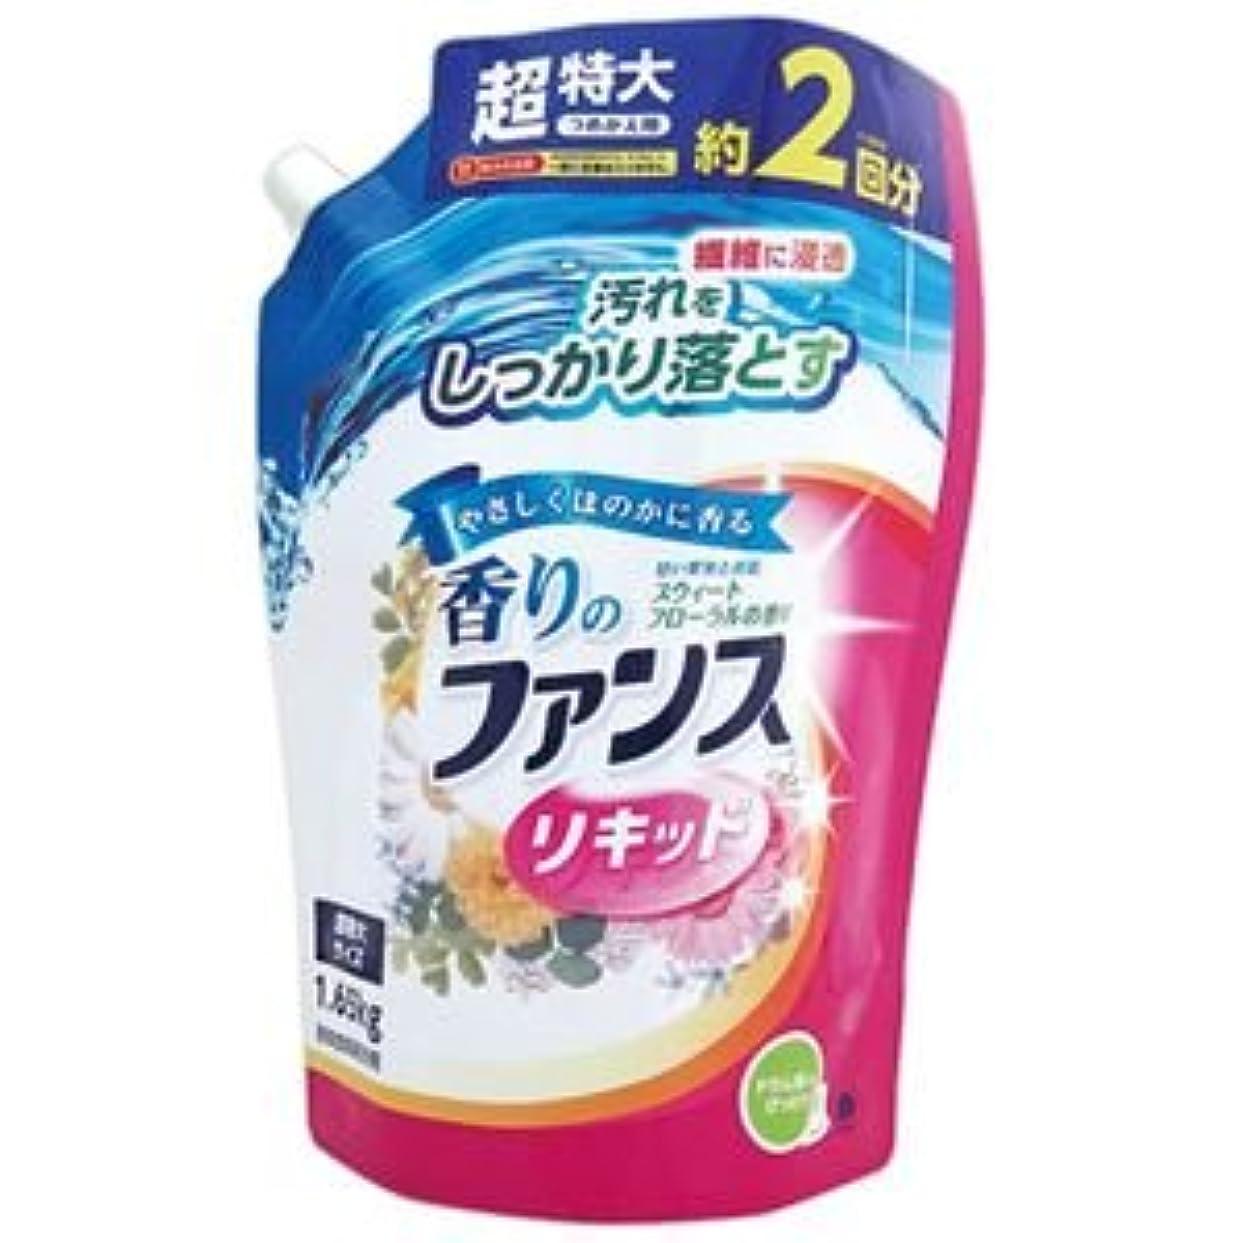 インスタント鰐疼痛(まとめ) 第一石鹸 香りのファンス 液体衣料用洗剤リキッド 詰替用 1.65kg 1セット(6個) 【×2セット】